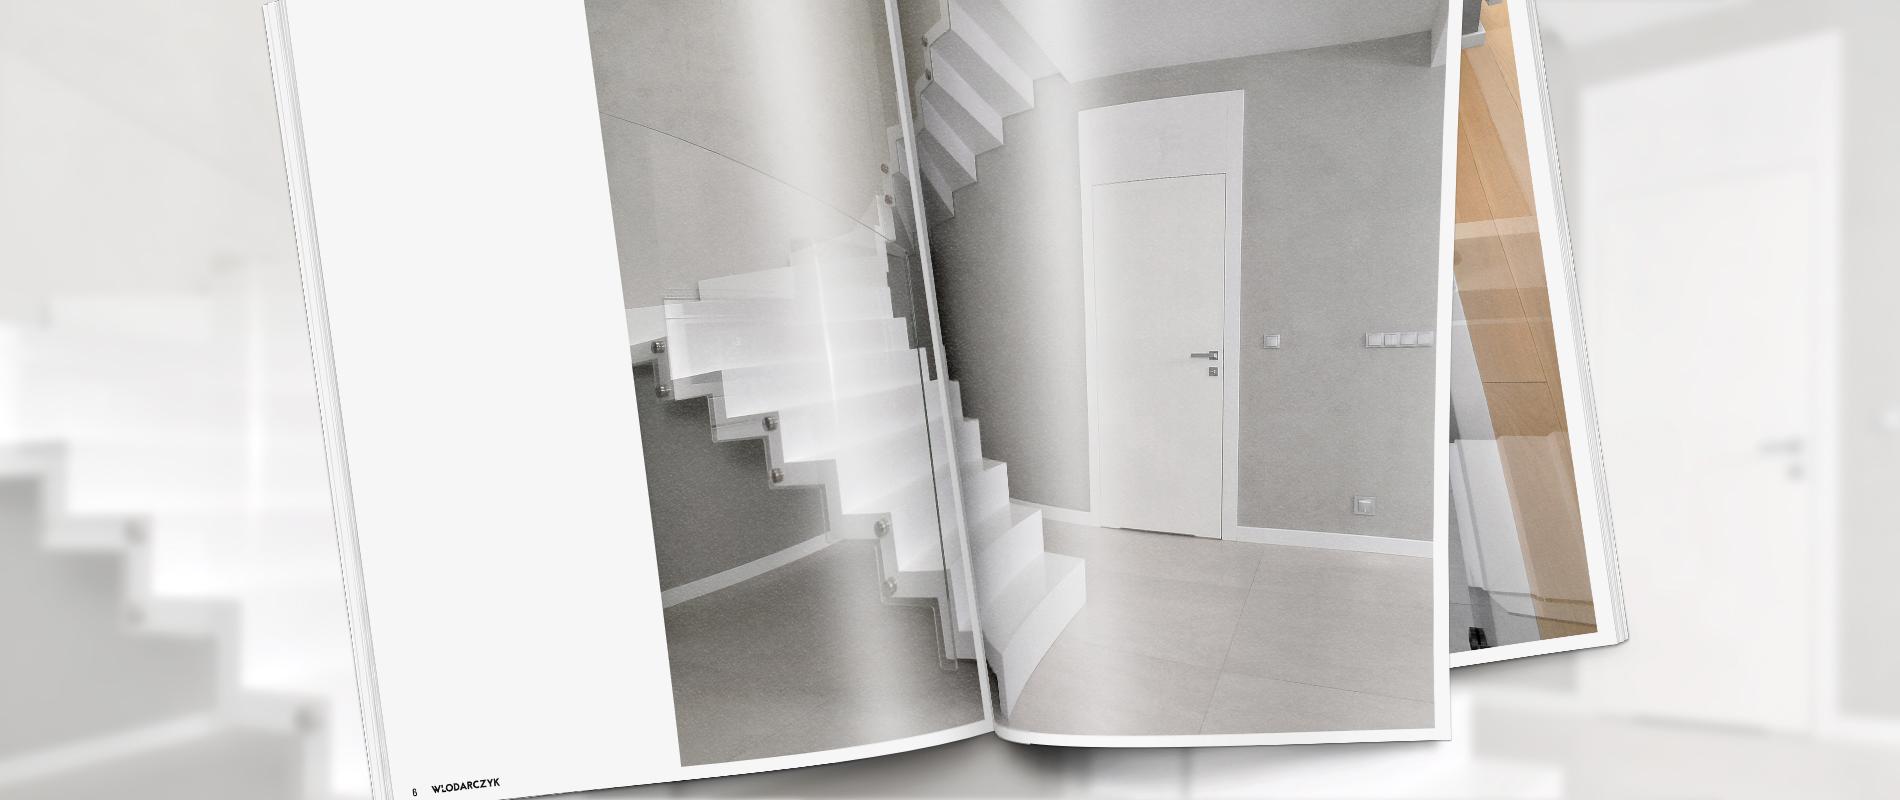 Katalog Włodarczyk Schody Drzwi Podłogi drewniane